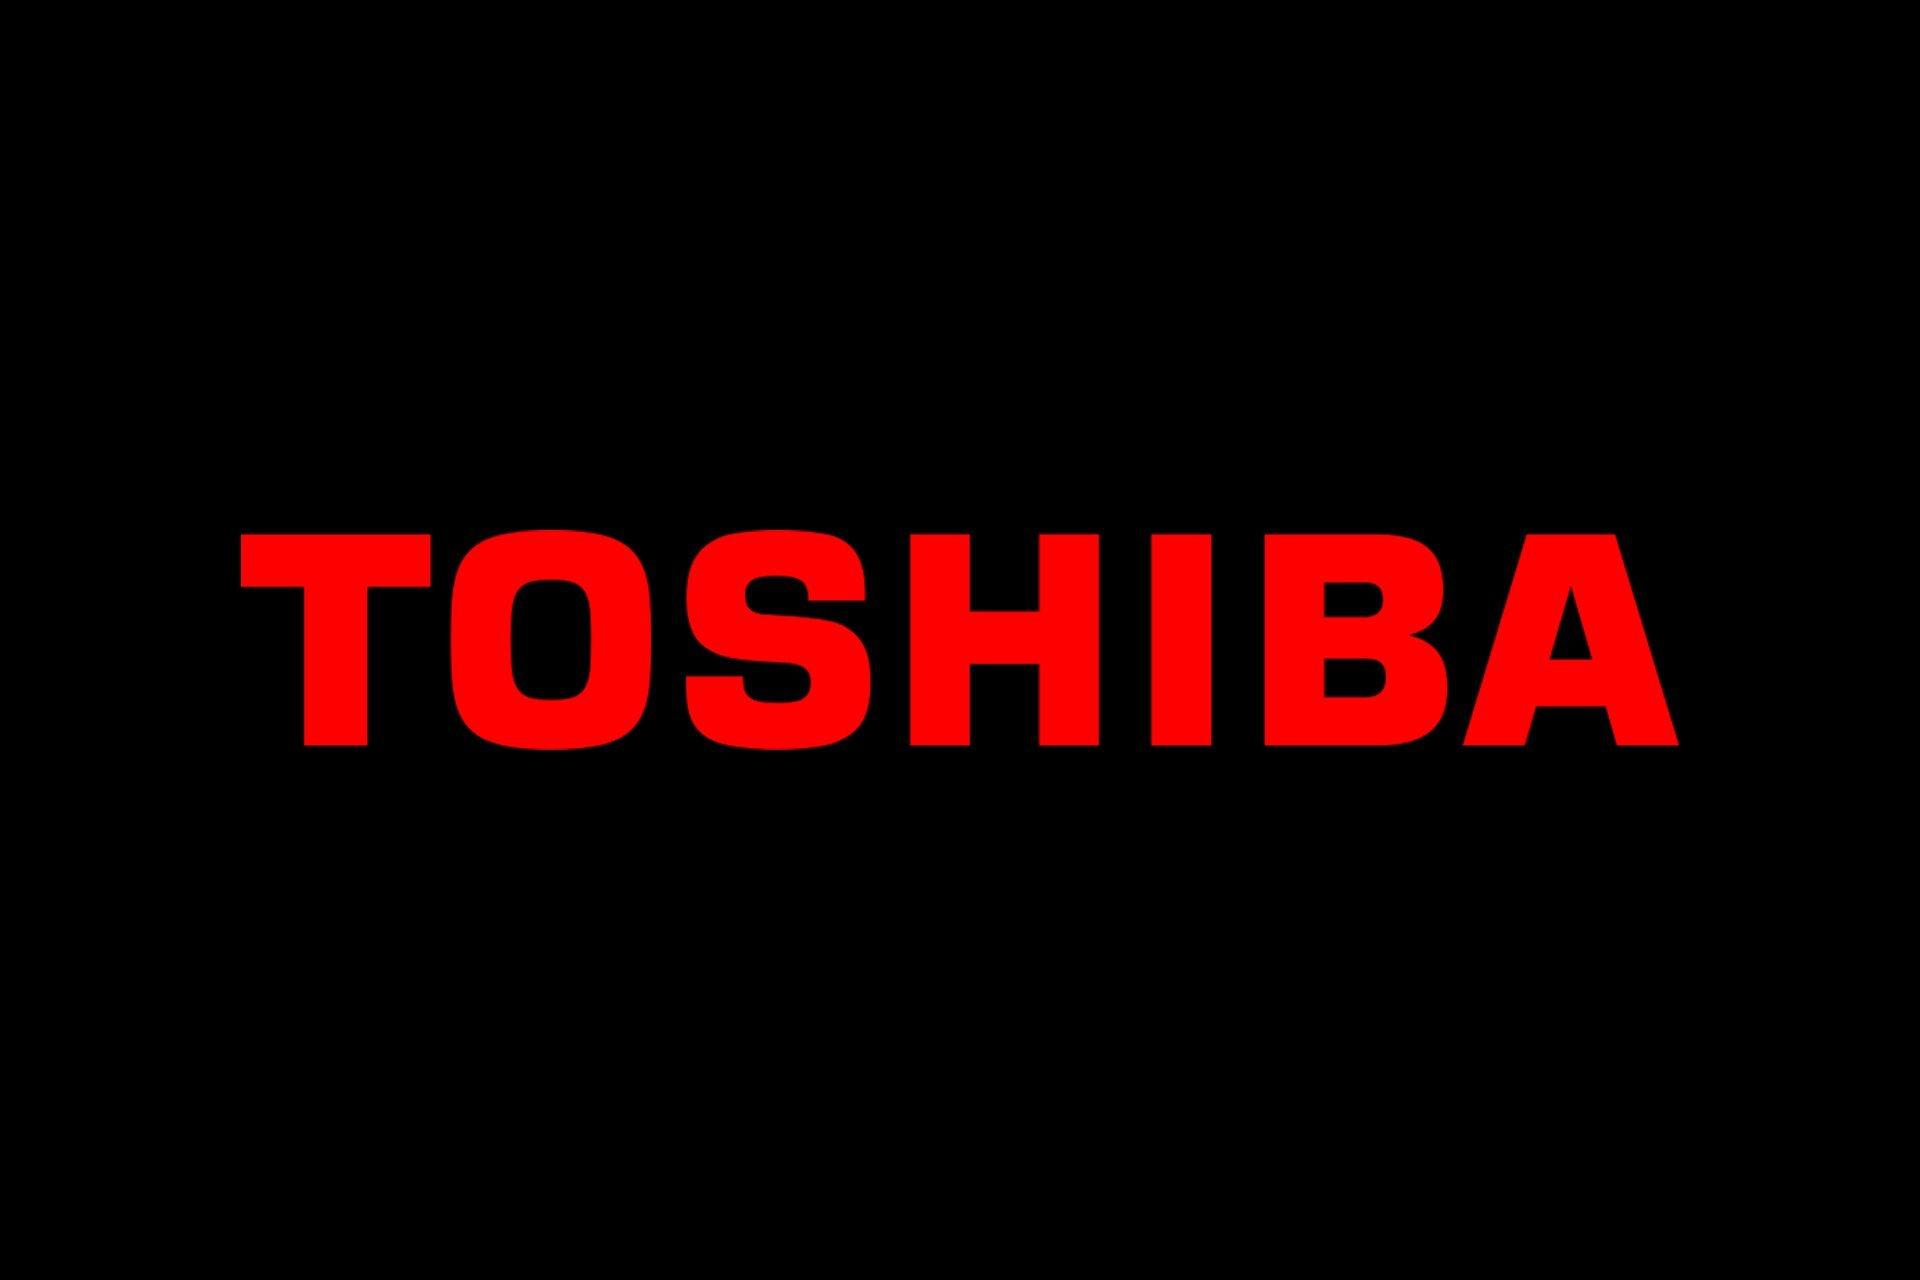 توشیبا میخواهد تا سال ۲۰۳۰ از رمزنگاری کوانتومی سه میلیارد دلار درآمد کسب کند